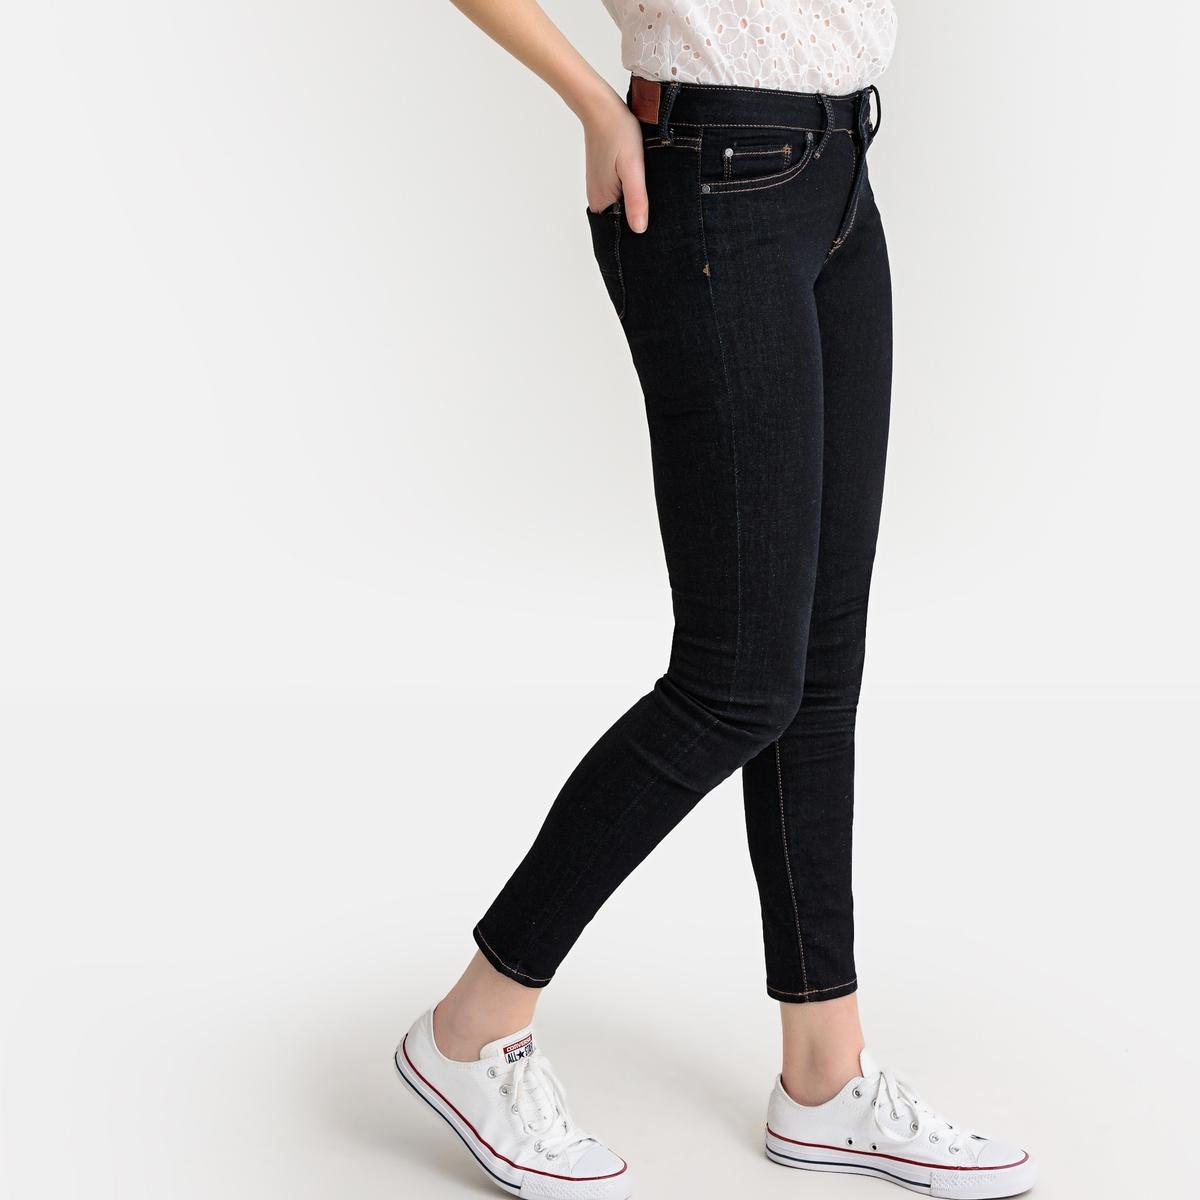 цена Джинсы La Redoute Скинни Mia покрой с карманами 29/30 синий онлайн в 2017 году